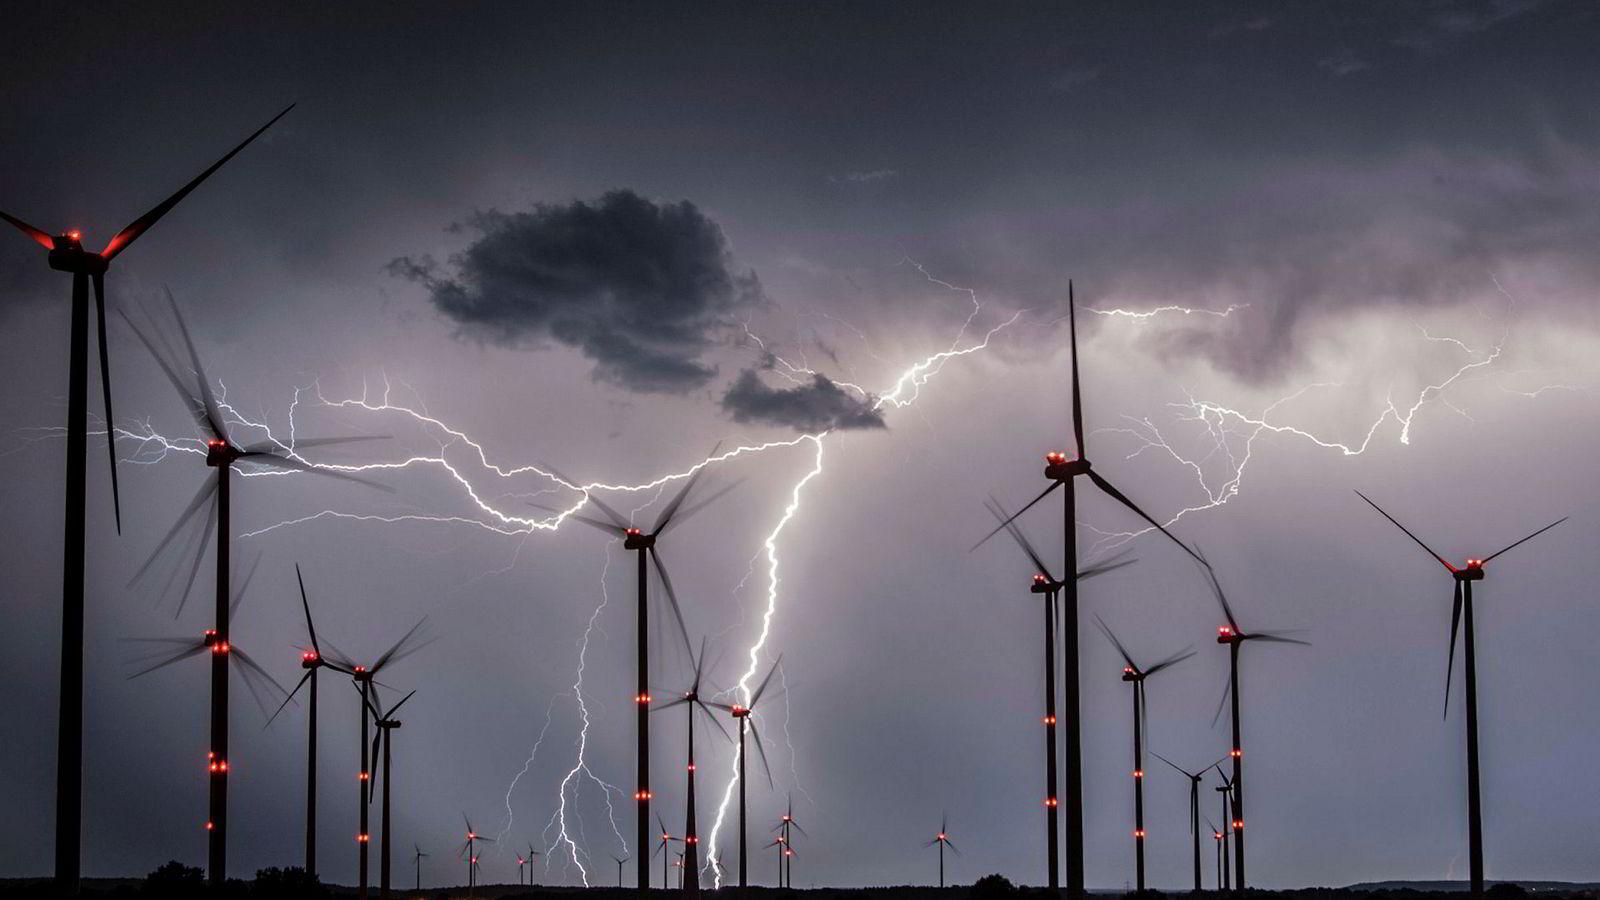 I forrige uke kom det nyheter om at Tyskland vurderte å la landets statlige Energi og Klimafond utstede «grønne obligasjoner» for å øke fondets investeringskapasitet. Det er en spennende tanke.